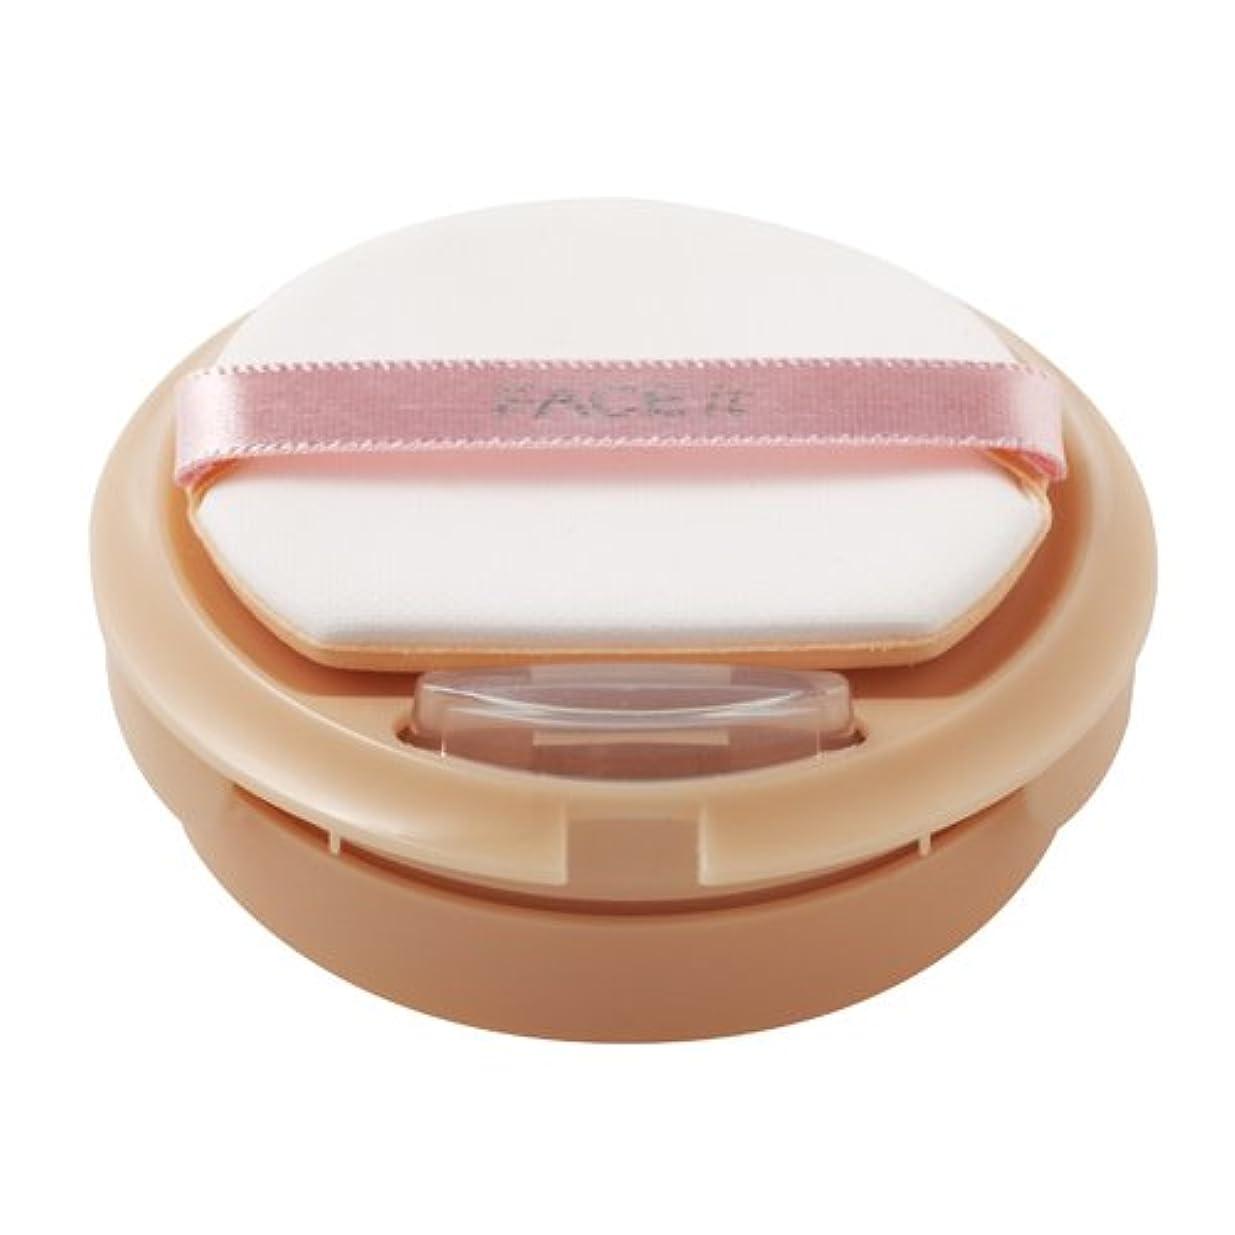 祖先大きいチーズ[Refill] # 01 Radiant Beige THE FACE SHOP Face It Aura Color Control Cream ザフェイスショップ フェイスイット アウラ カラーコントロール クリーム...